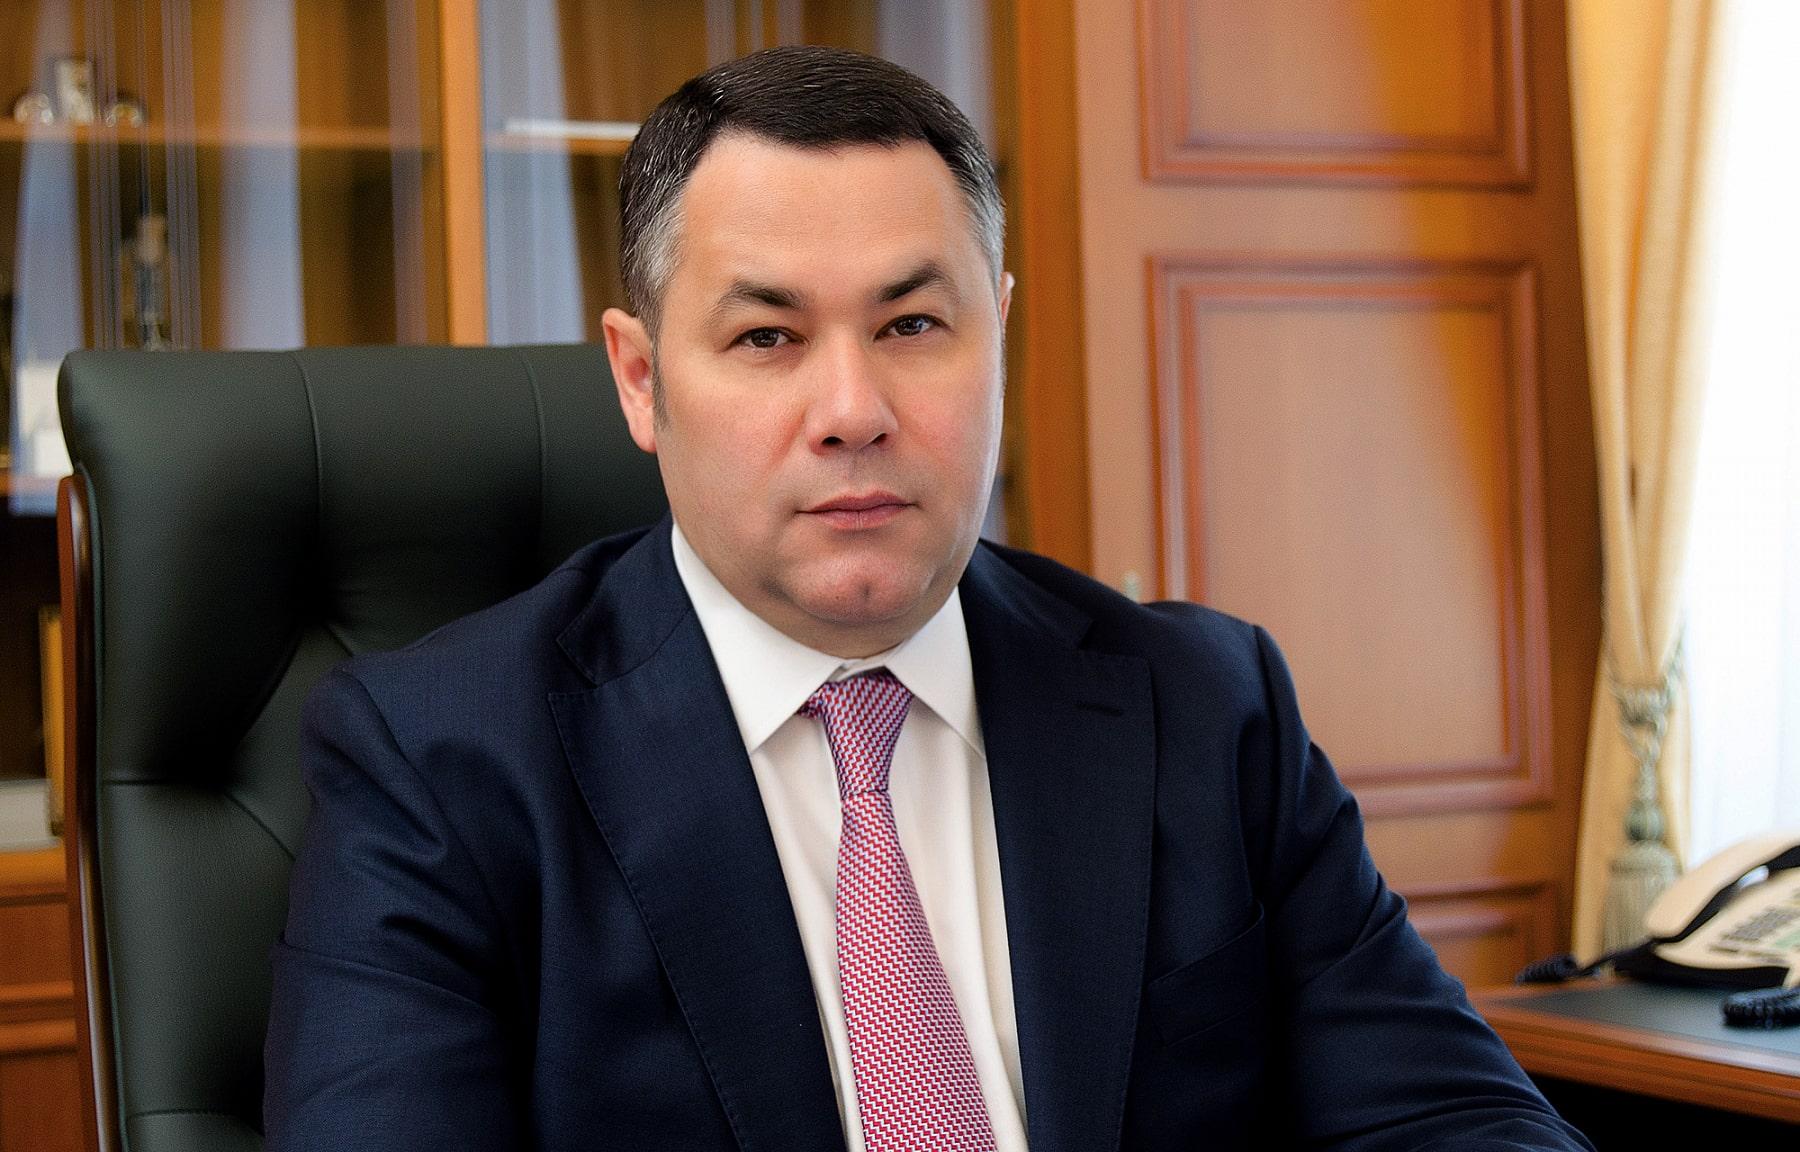 Игорь Руденя поздравил жителей Тверской области с Днём пожарной охраны